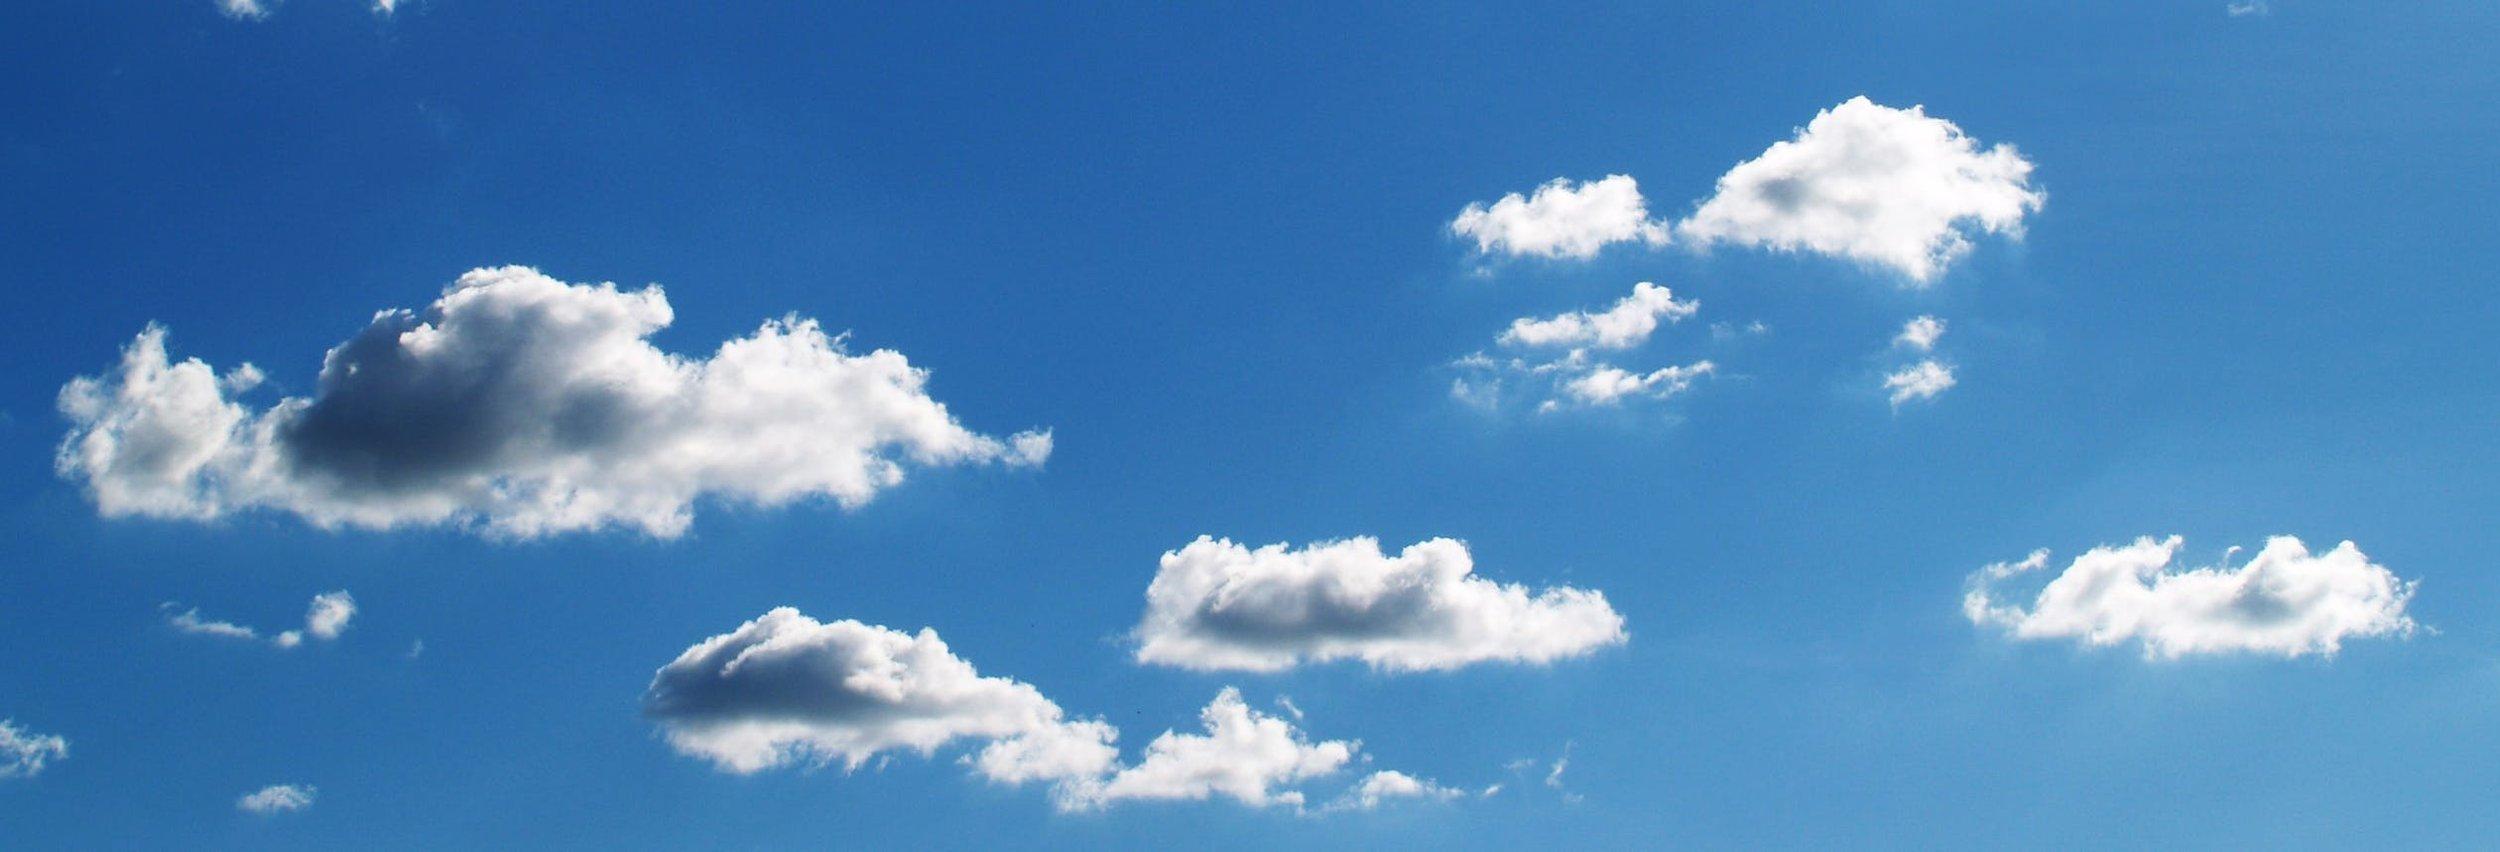 cloud 4.jpeg